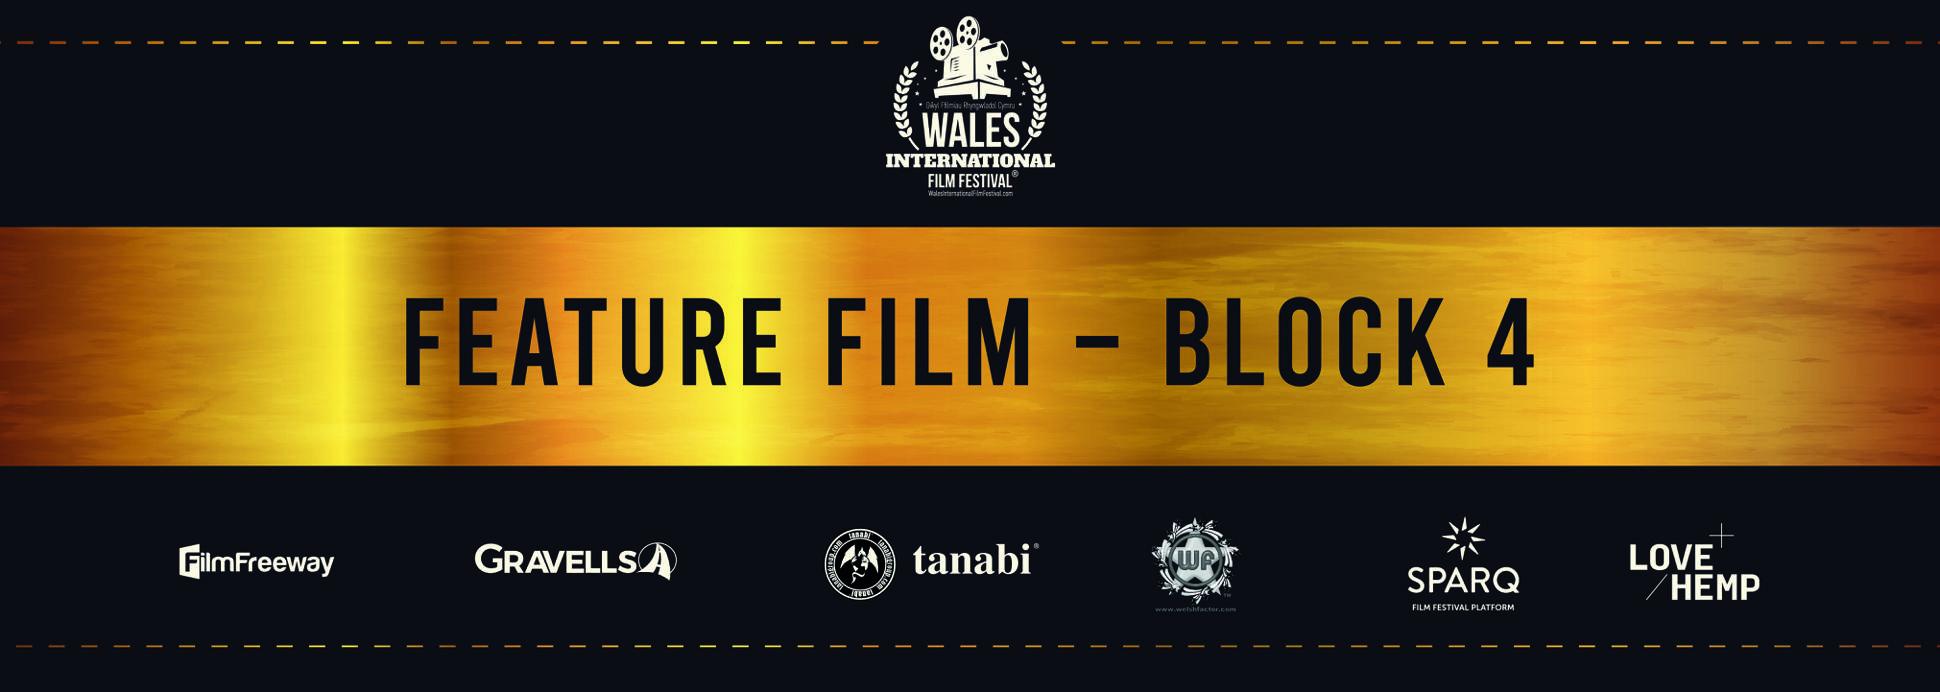 Feature Film - Block 4